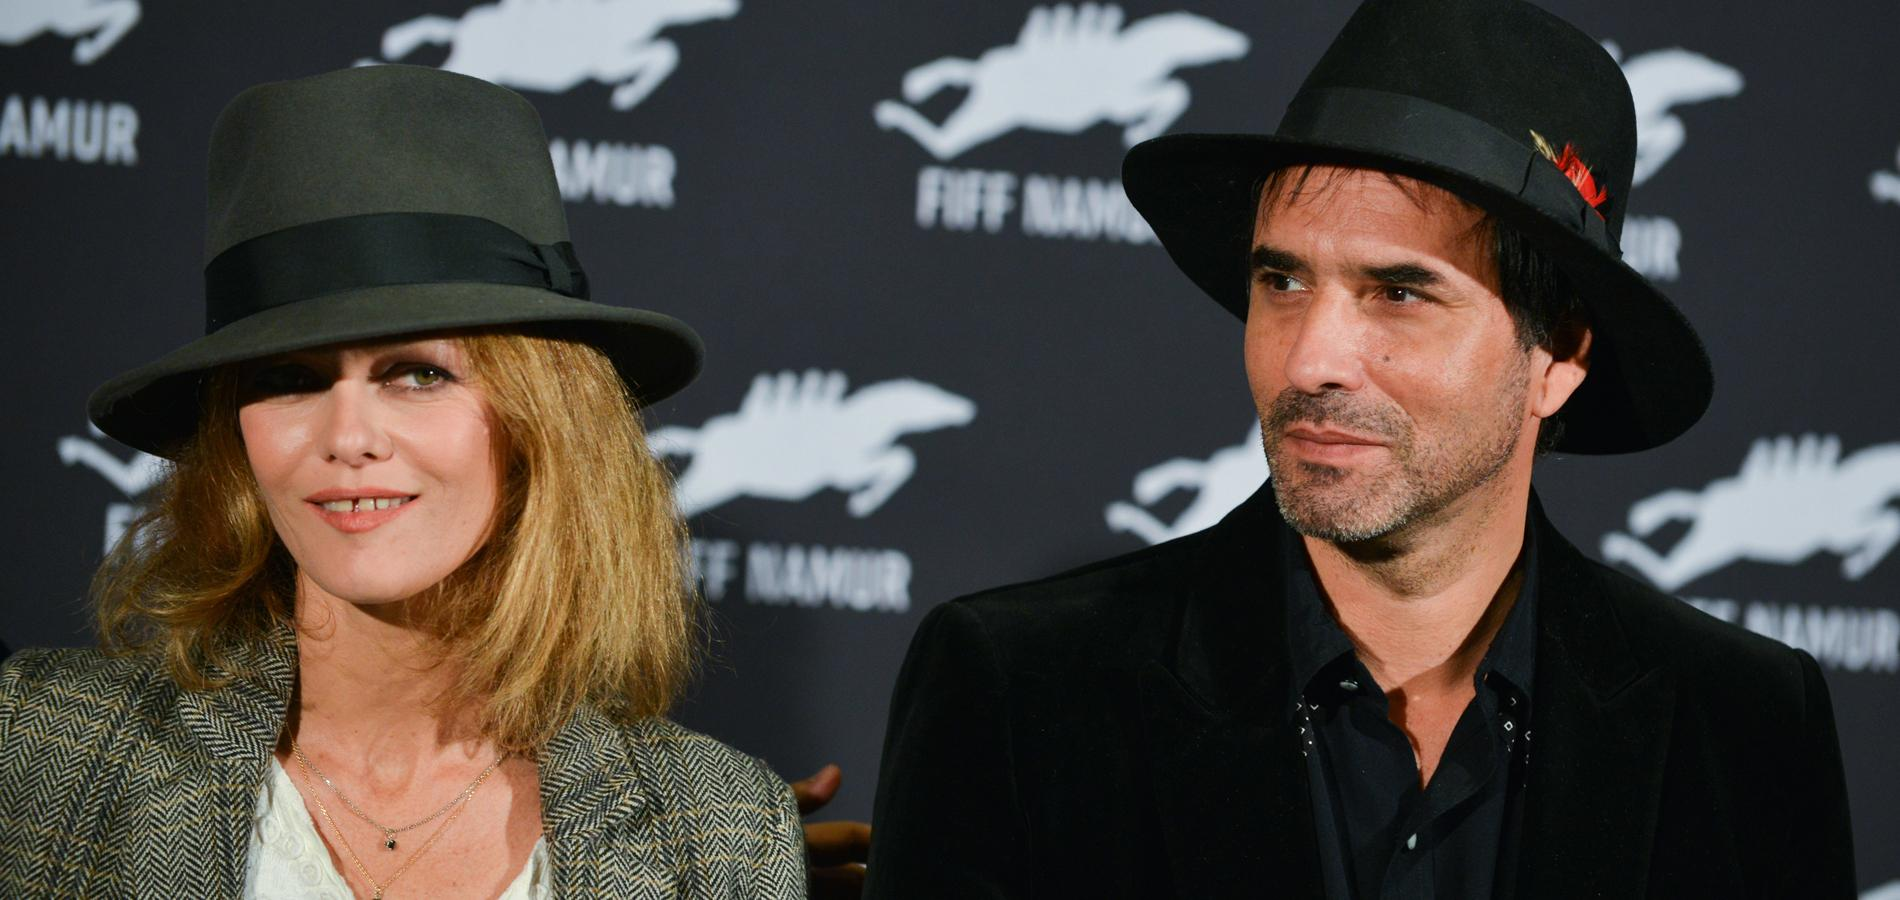 Vanessa Paradis et Samuel Benchetrit lors du photocall du film Chien.  (Festival du film francophone de Namur, Belgique, 5 octobre 2017.)